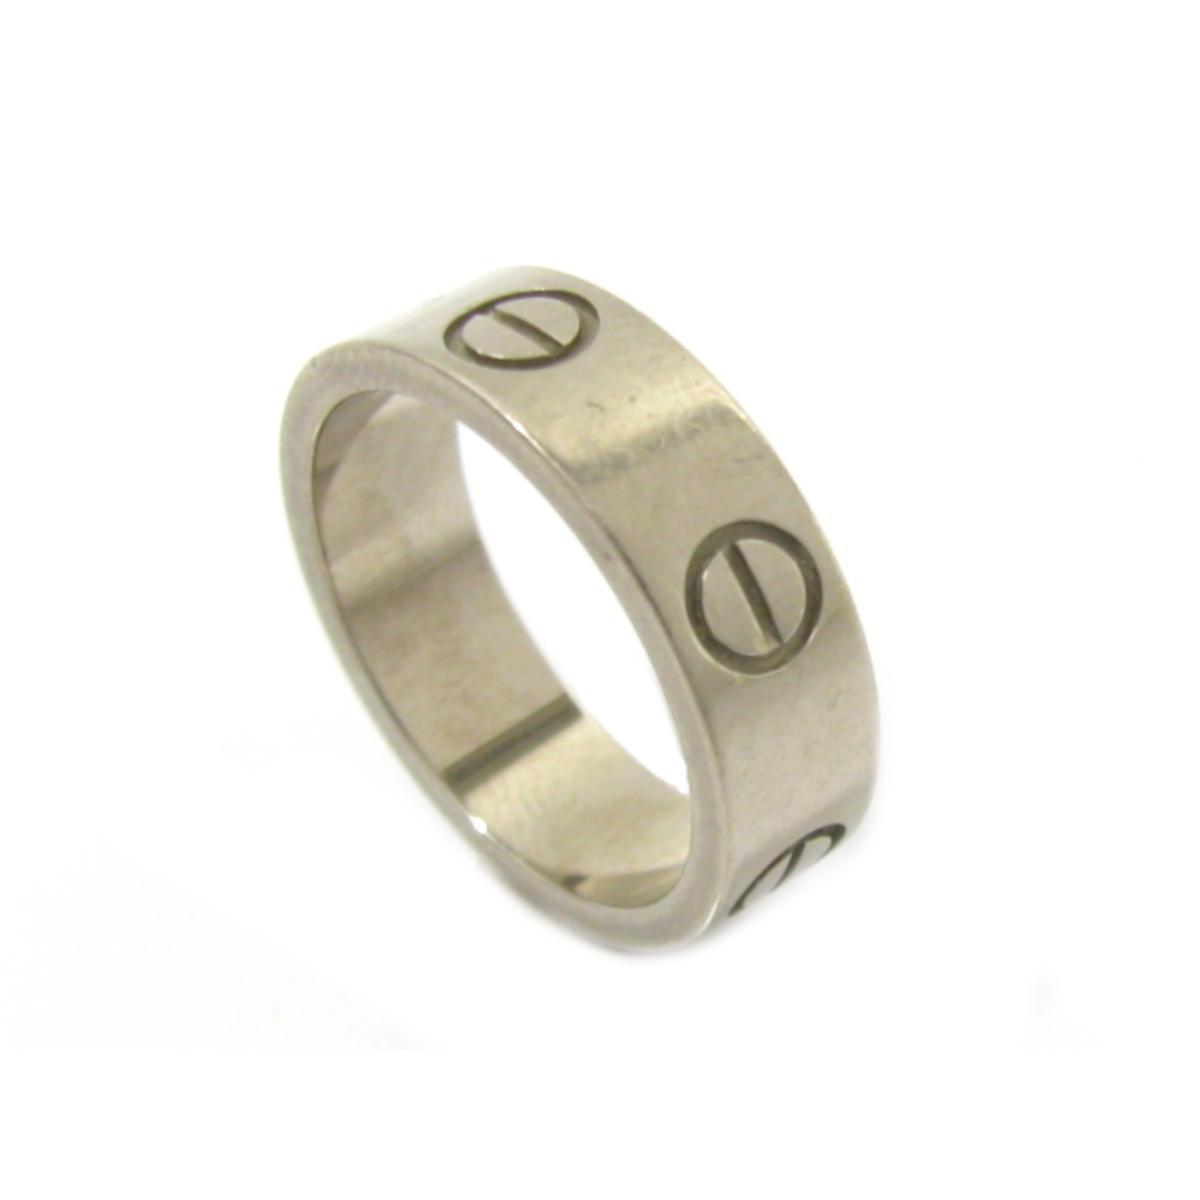 【中古】カルティエ ラブリング 指輪 レディース K18WG (750) ホワイトゴールド シルバー | Cartier リング K18 18K 18金 ラブリング 美品 ブランドオフ BRANDOFF